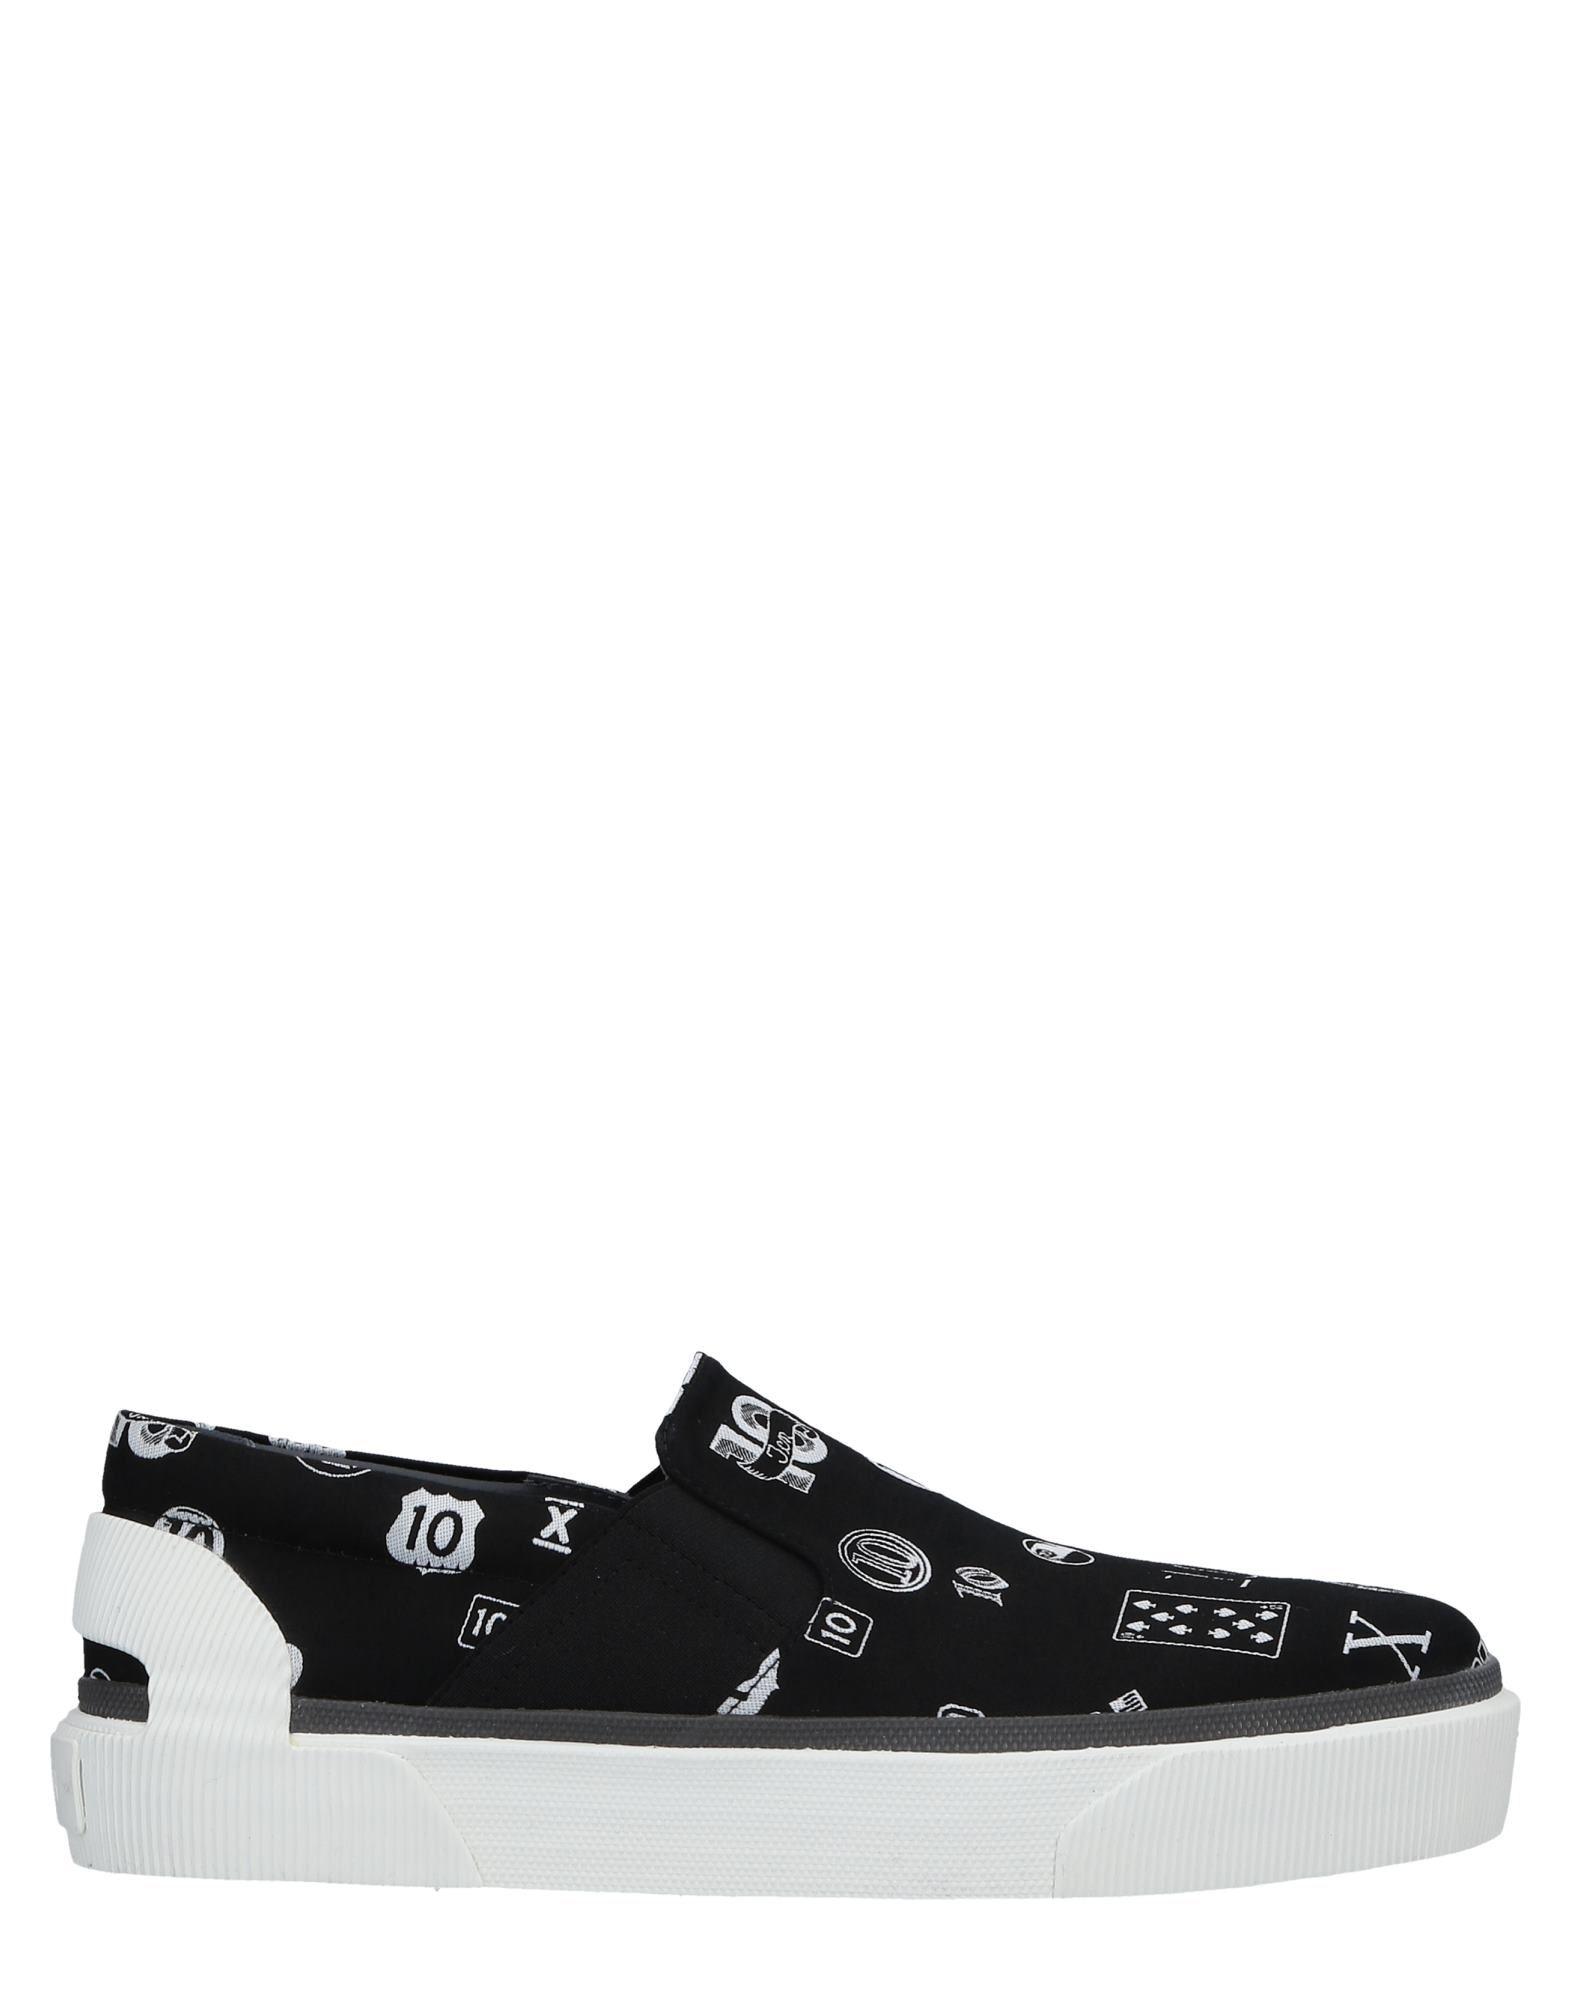 Lanvin Sneakers Herren  11514105RO Gute Qualität beliebte Schuhe